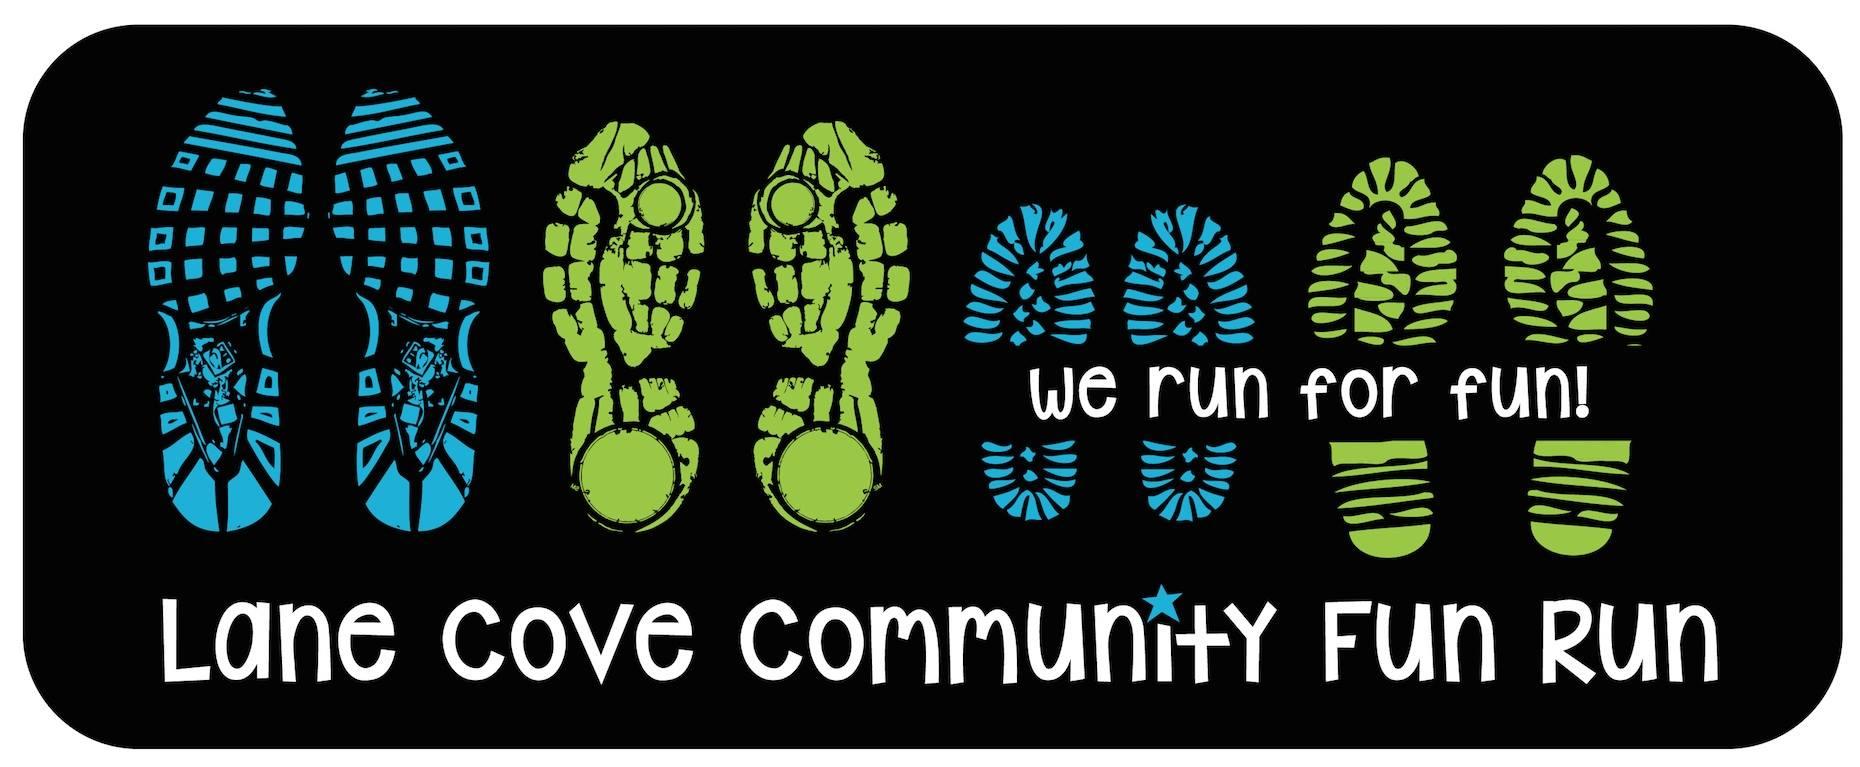 Lane Cove fun run